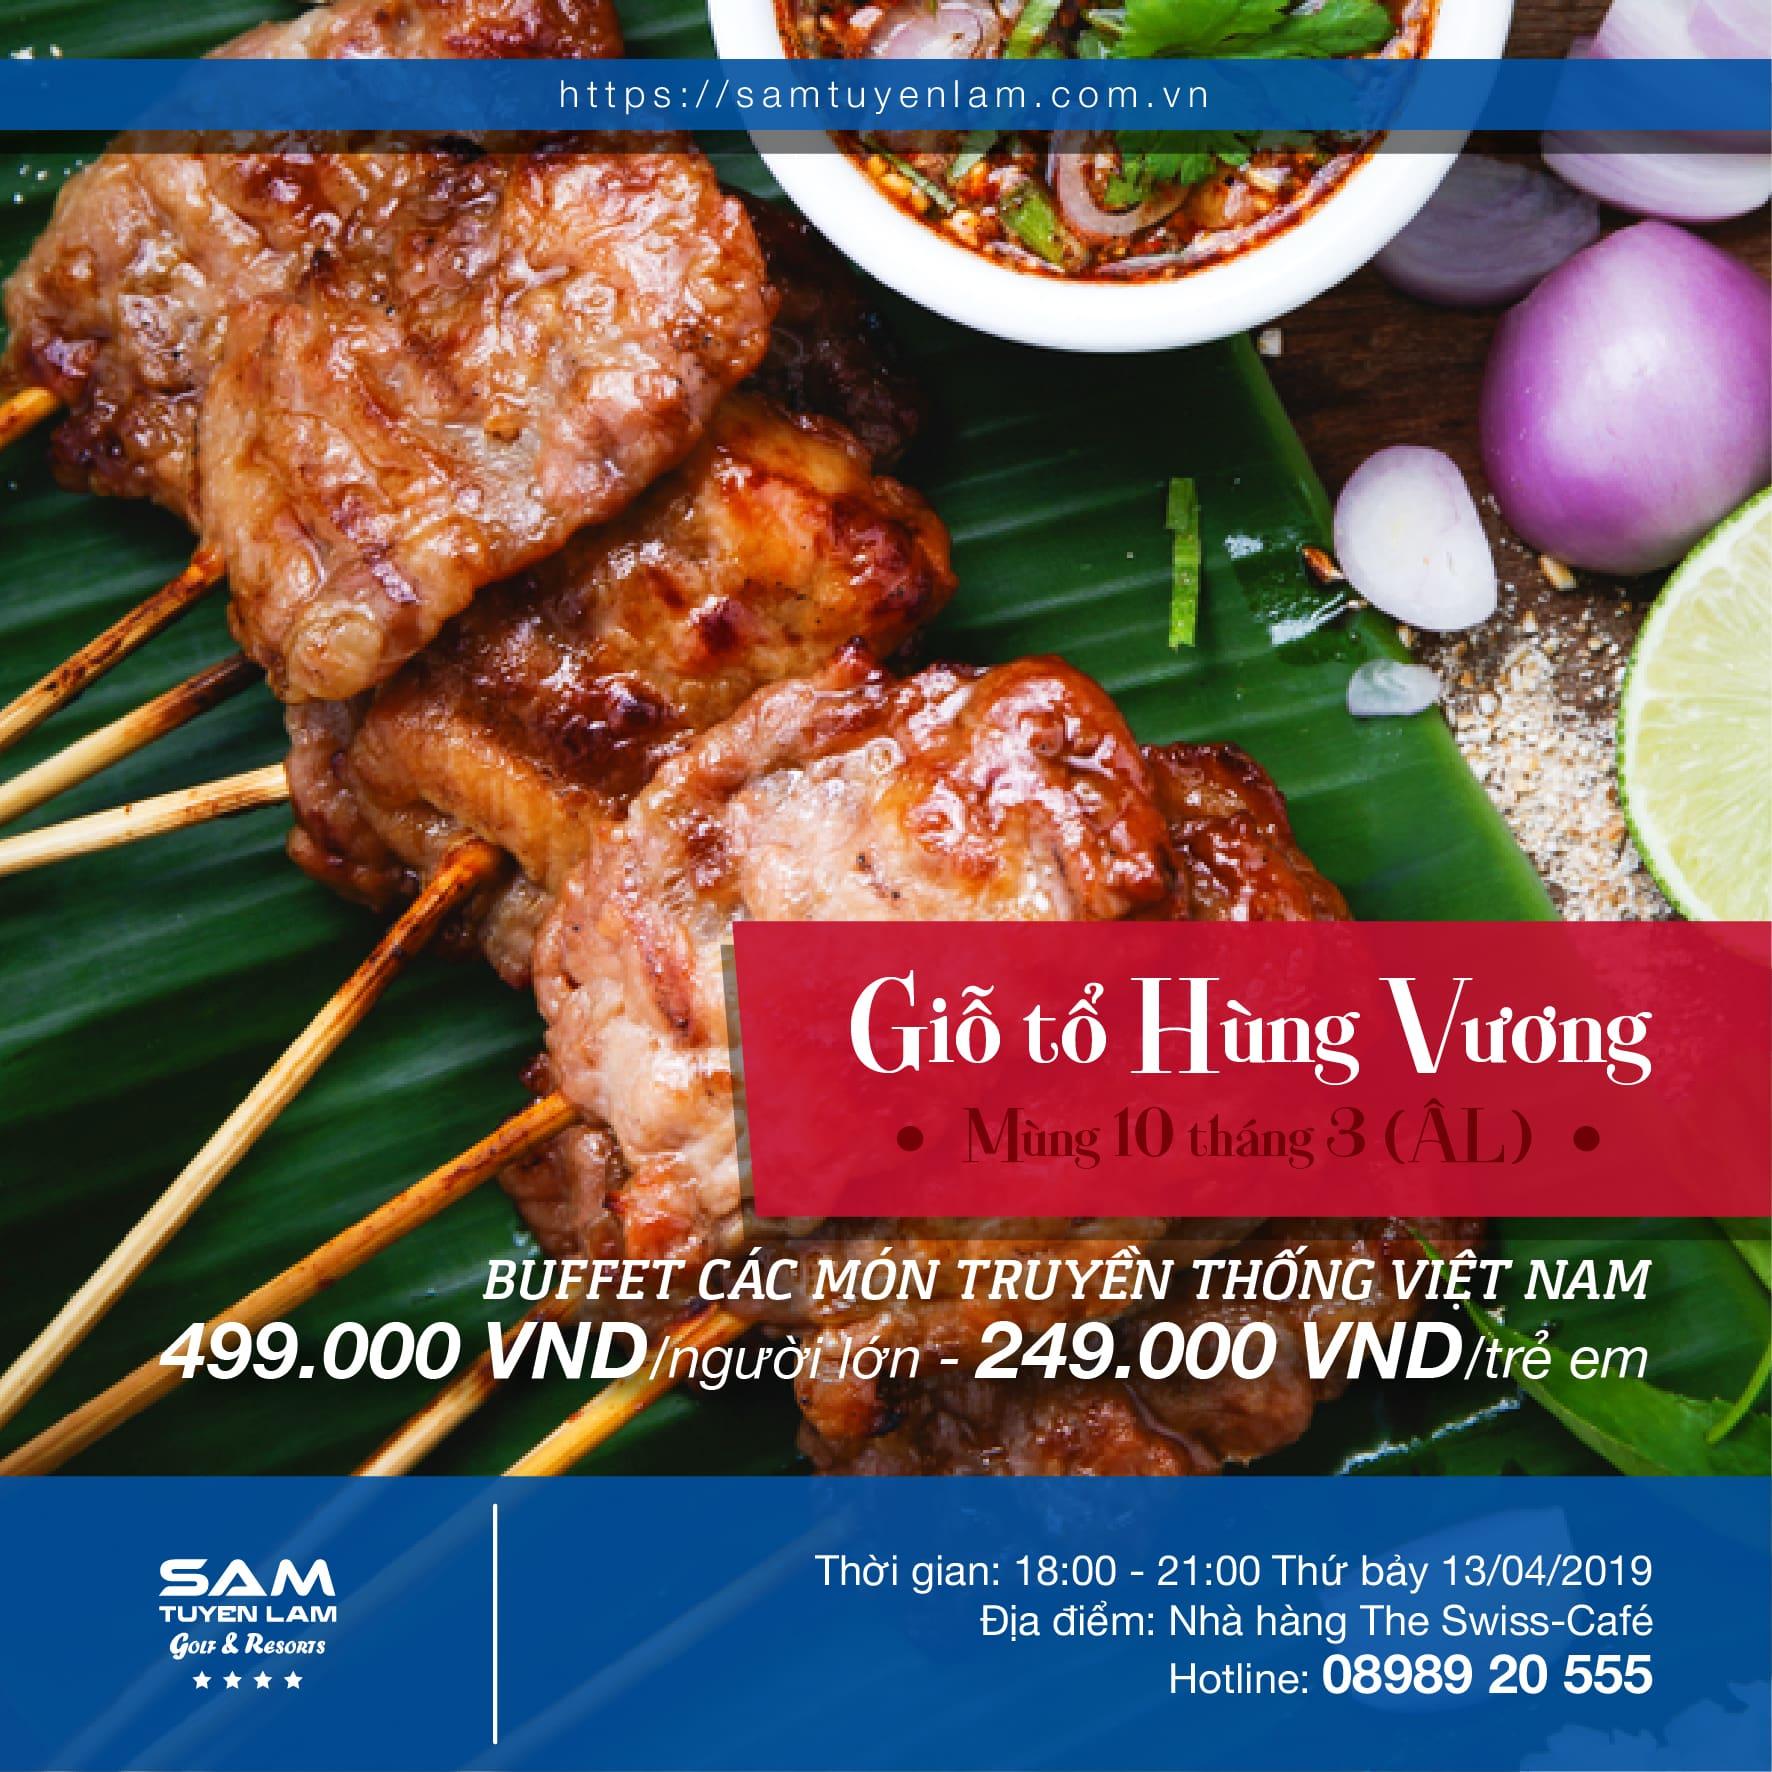 (Tiếng Việt) GIỖ TỔ HÙNG VƯƠNG ĂN GÌ? Ở ĐÂU?